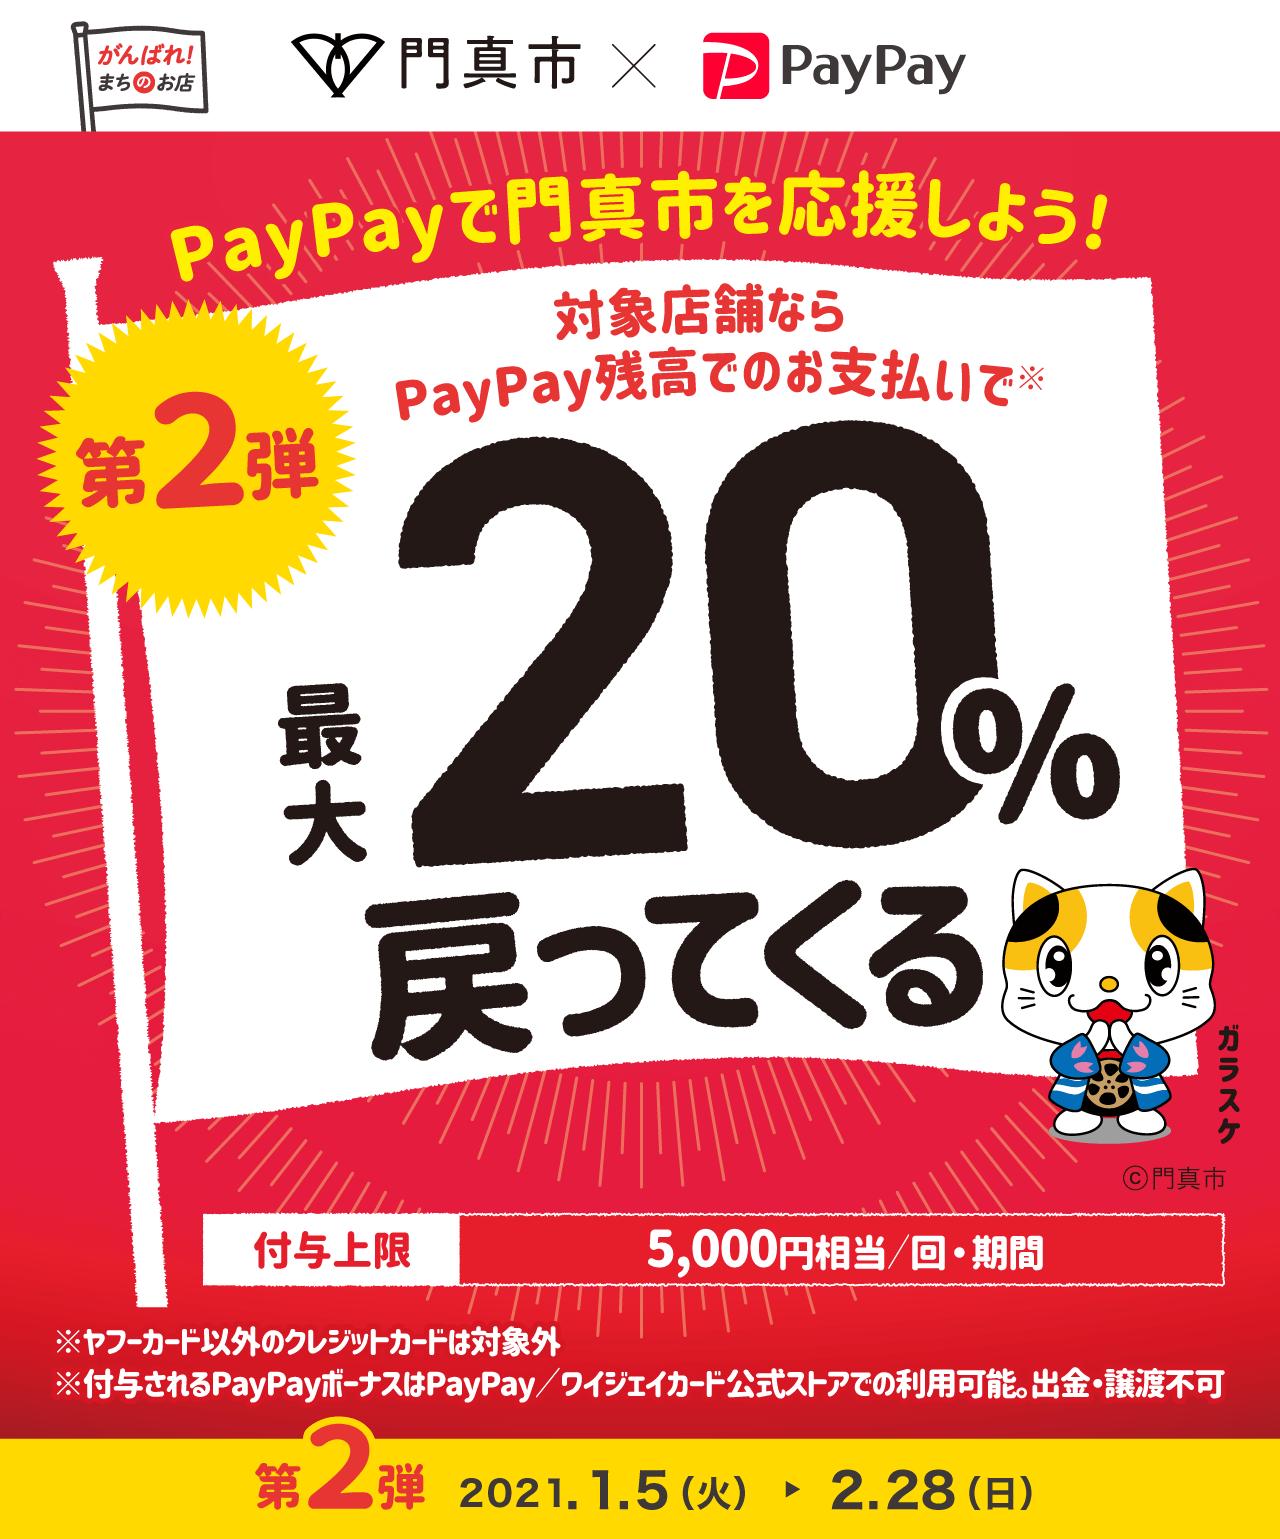 PayPayで門真市を応援しよう! 第2弾 対象店舗ならPayPay残高でのお支払いで 最大20%戻ってくる